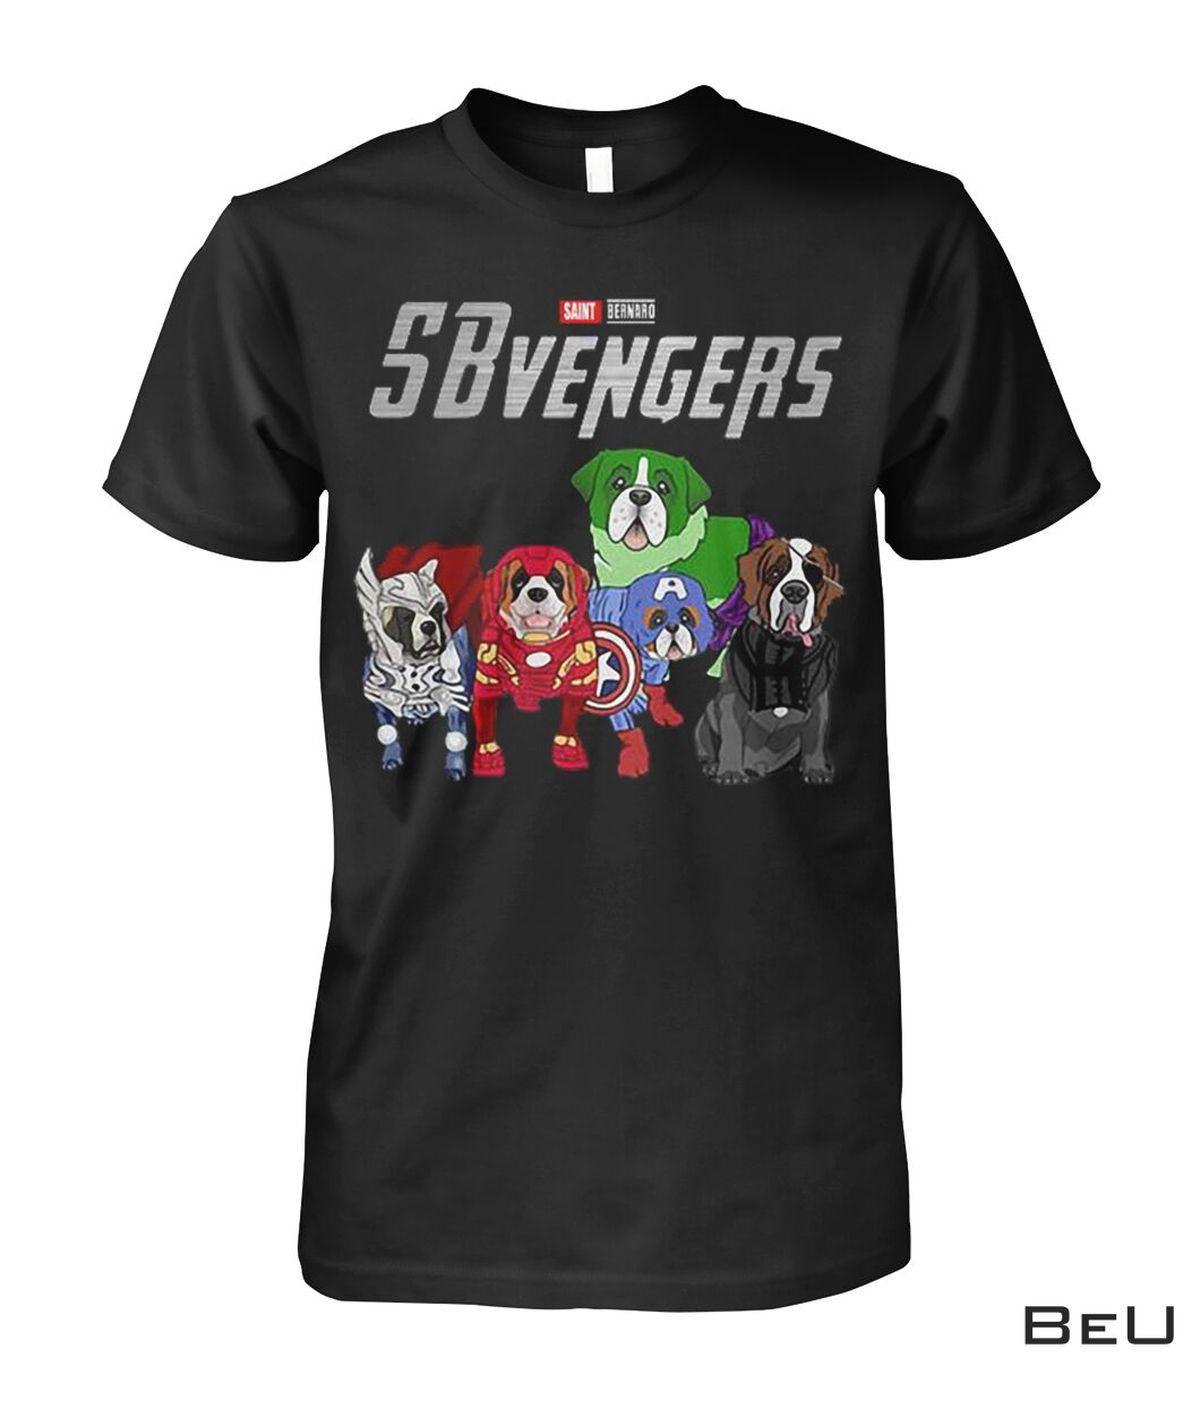 Saint Bernards SBvengers Avengers Shirt